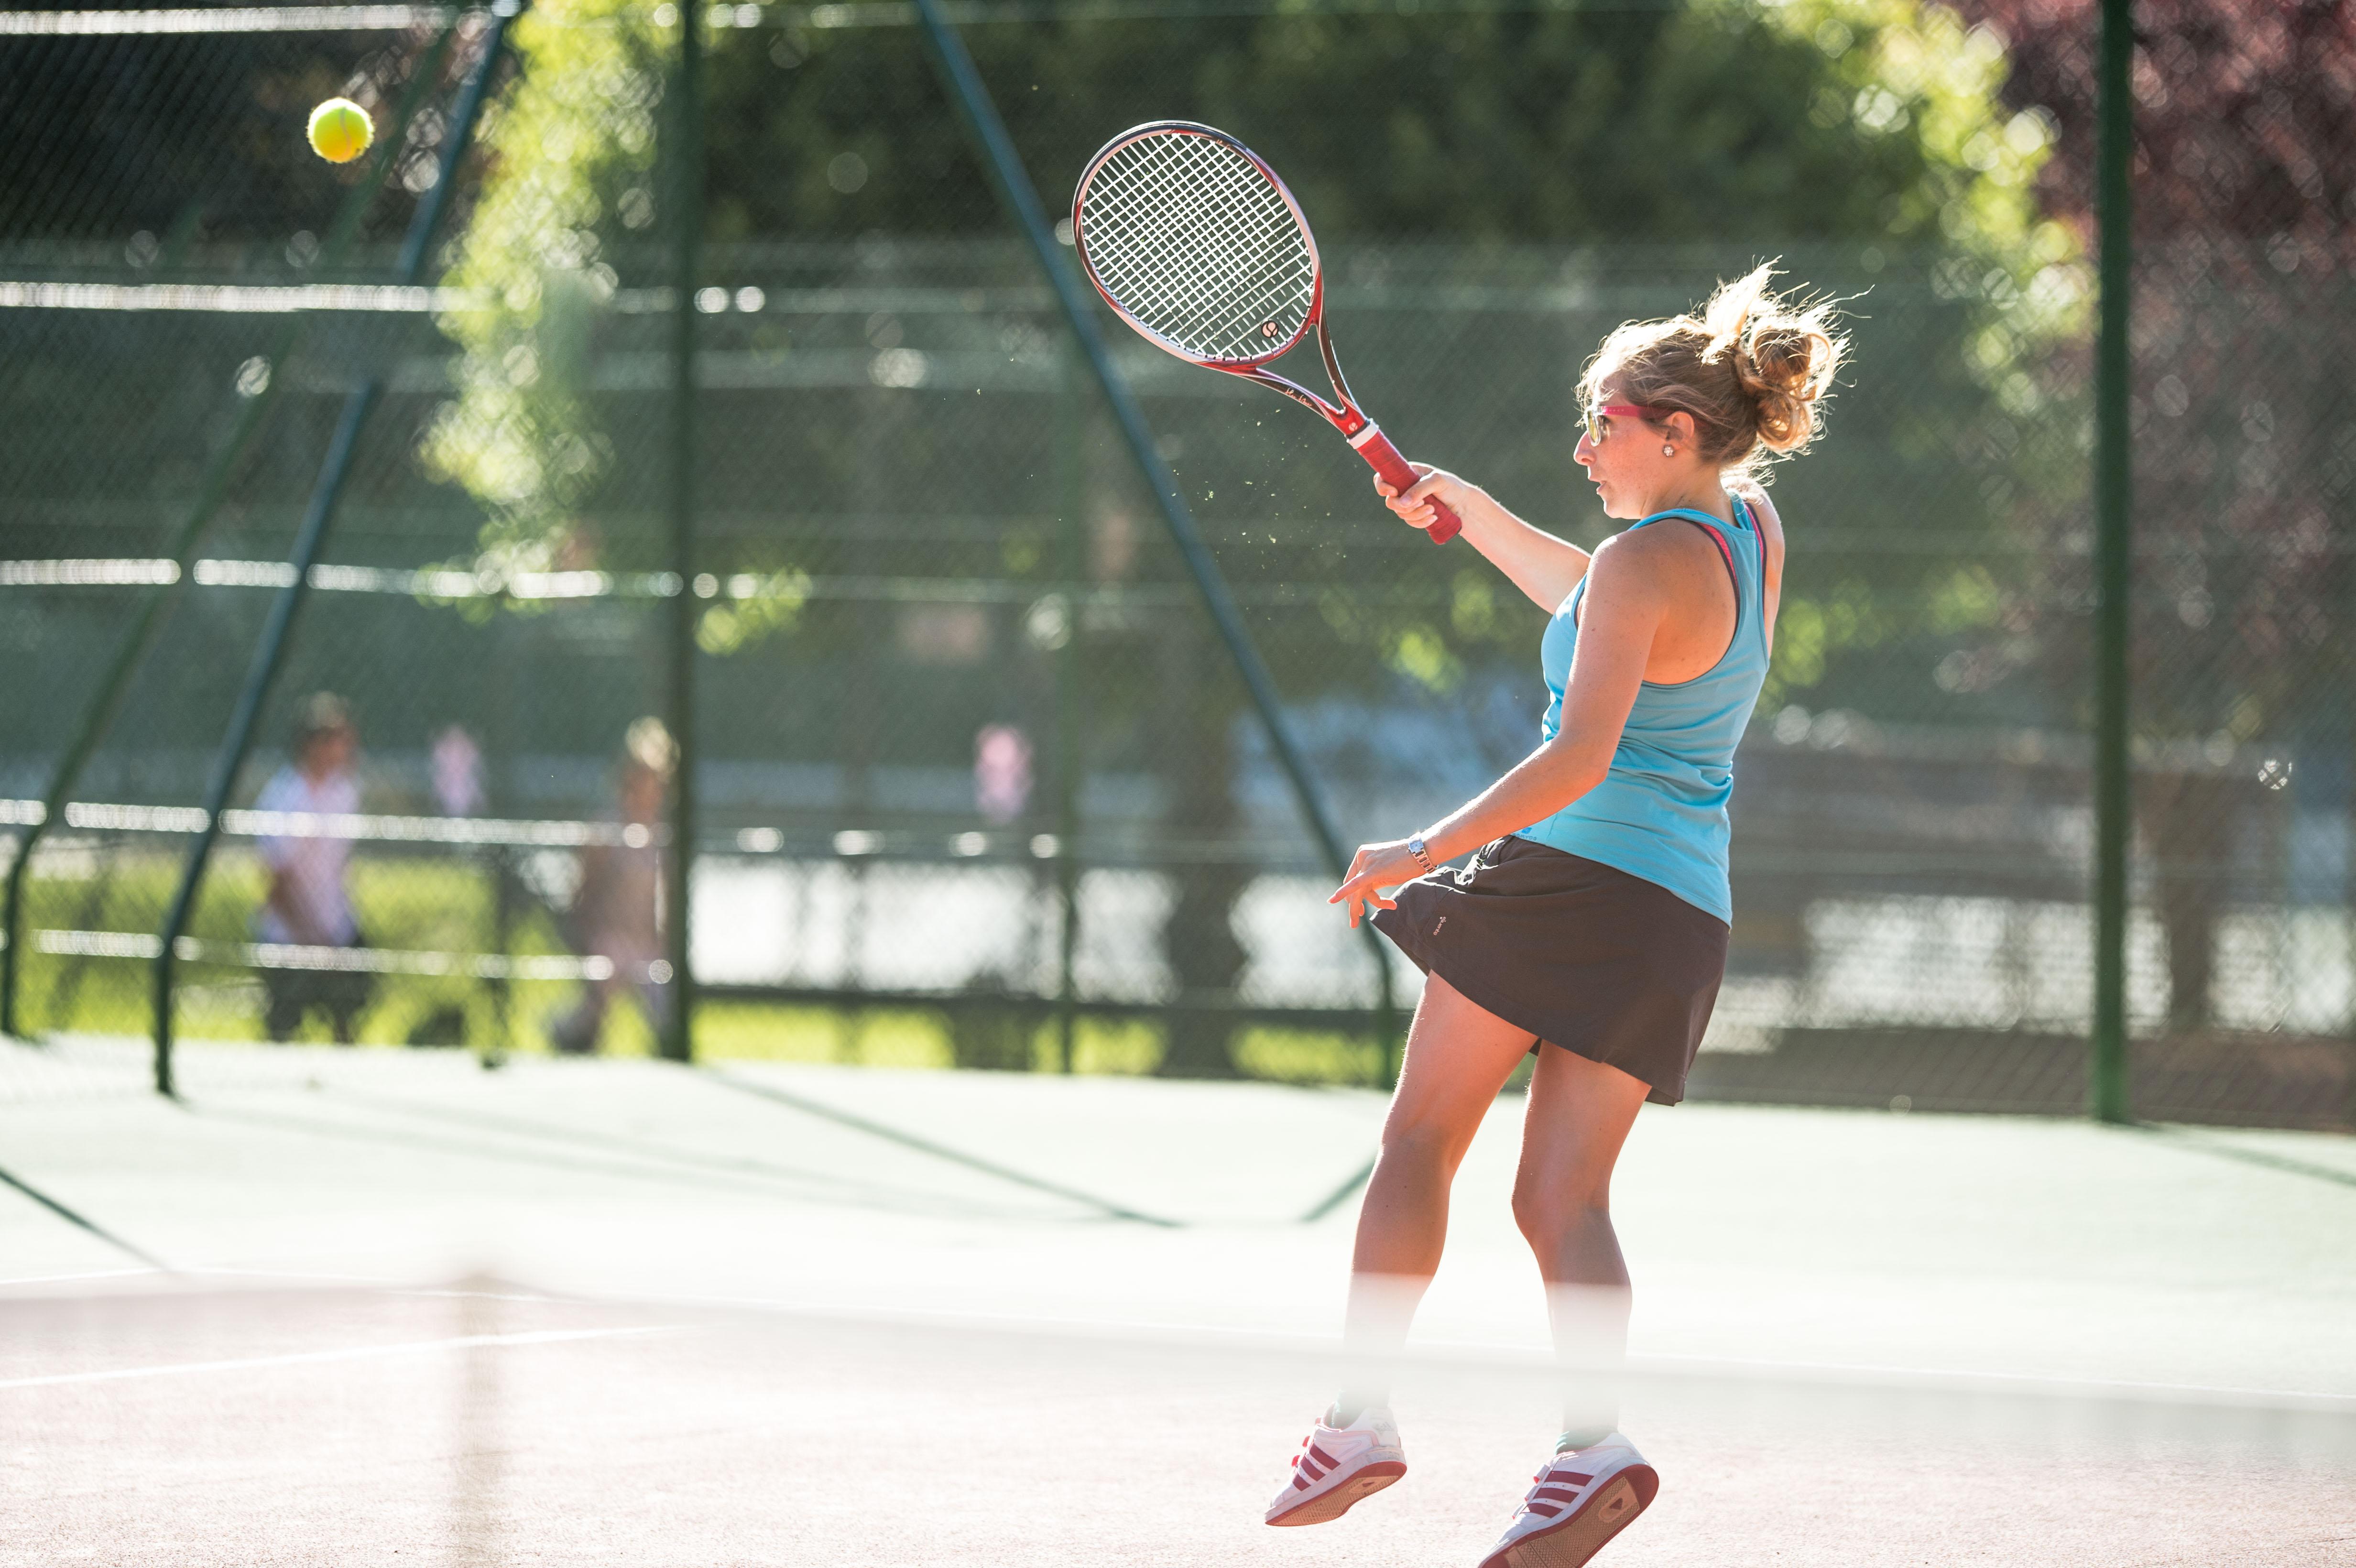 tennis-7966-keno-photographie-ot-les-gets-ot-les-gets-3043269